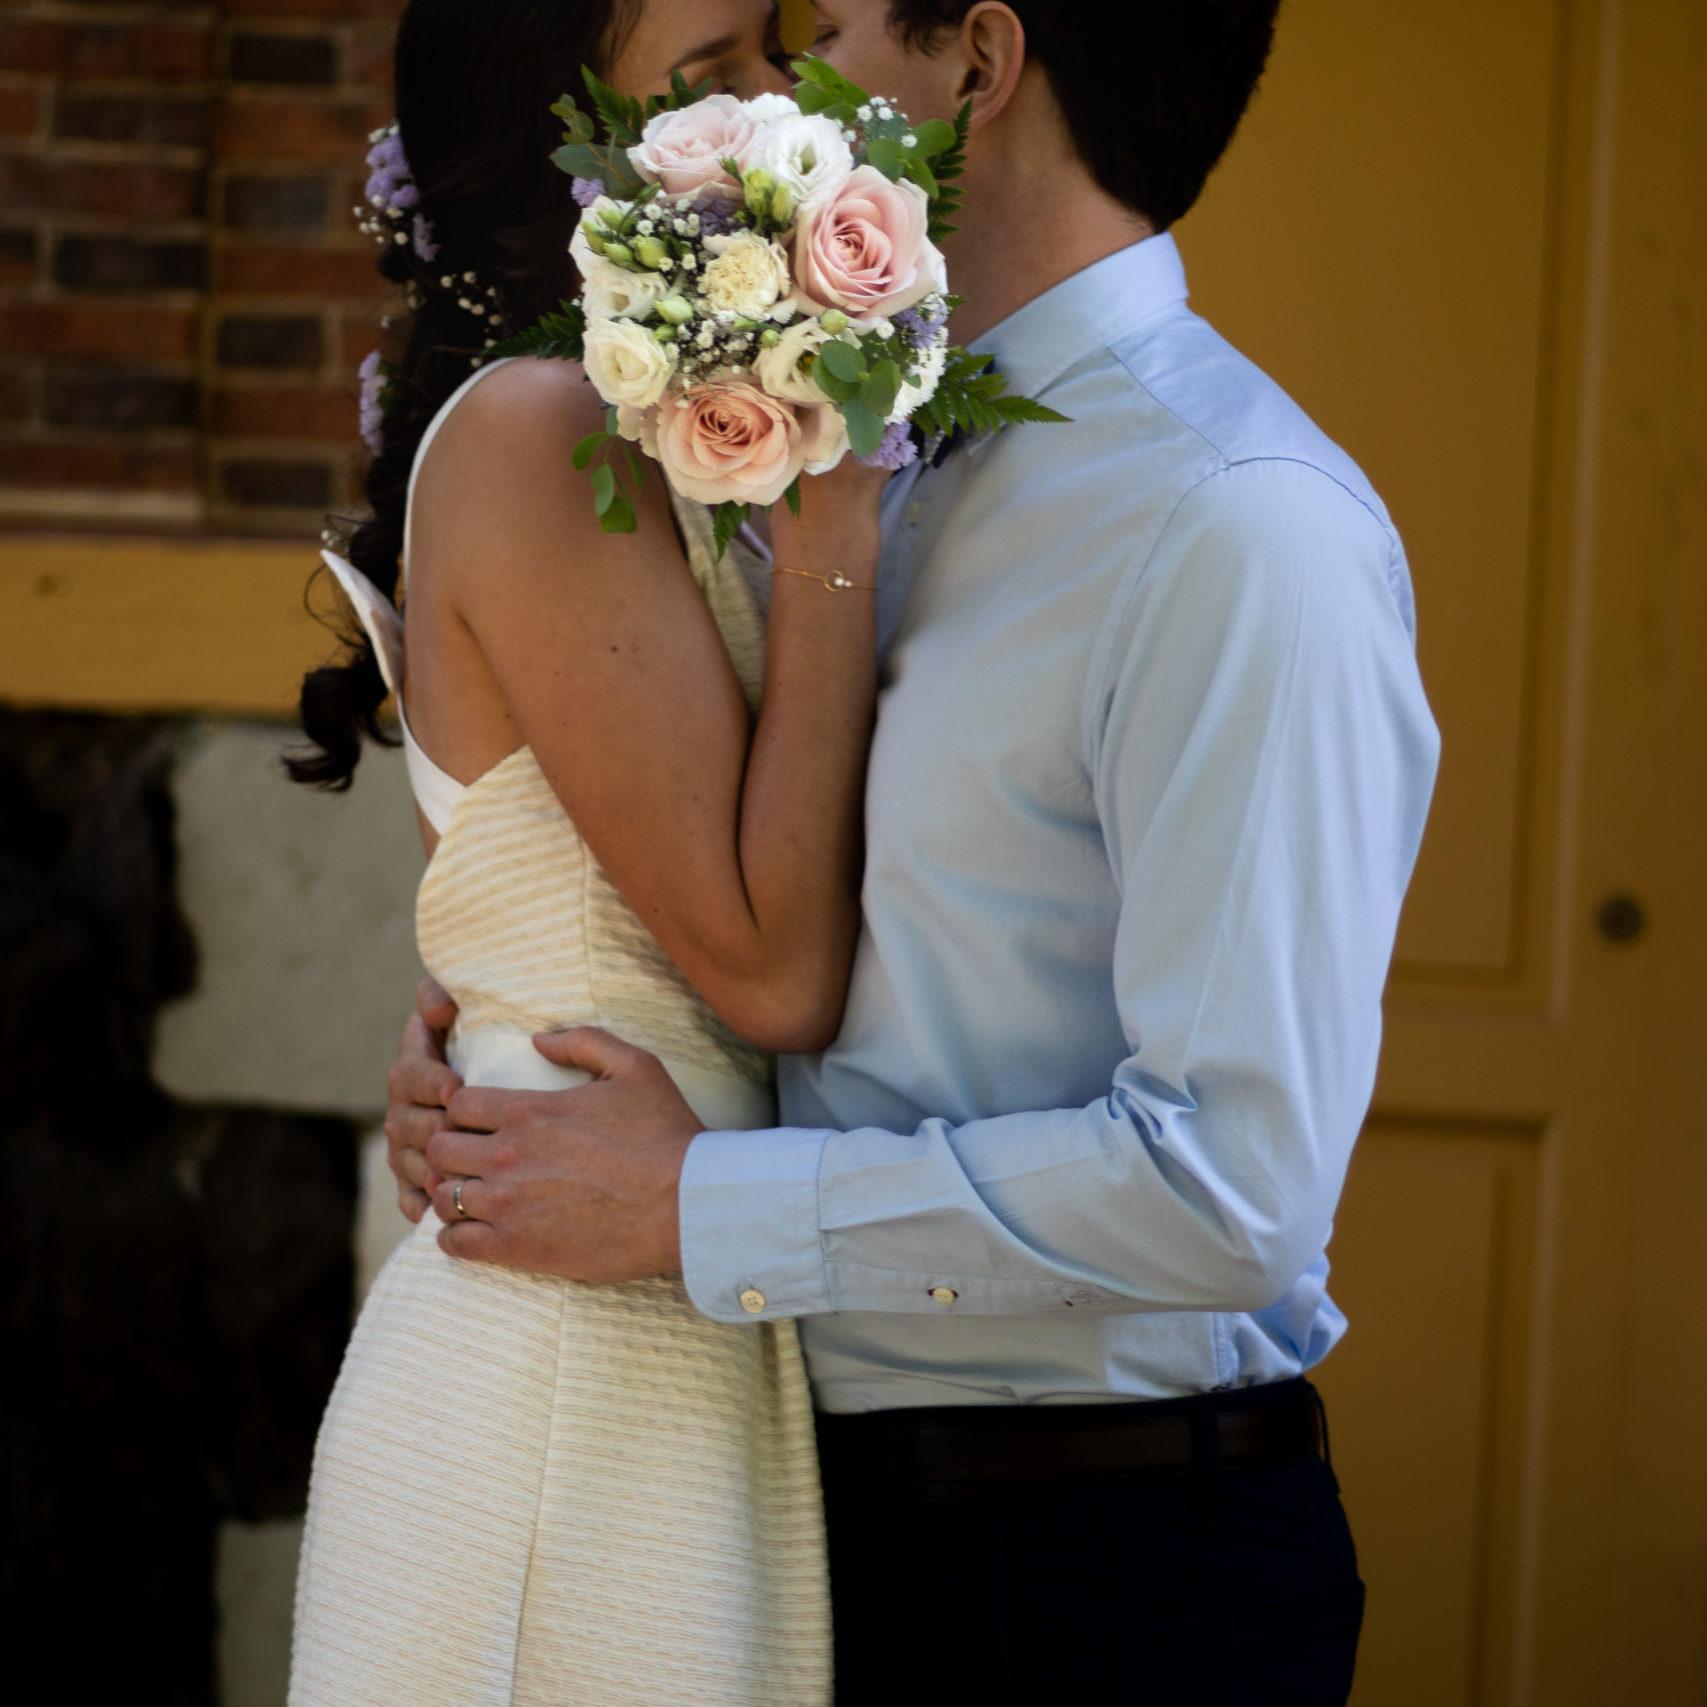 photo couple amour mariage portrait fleurs